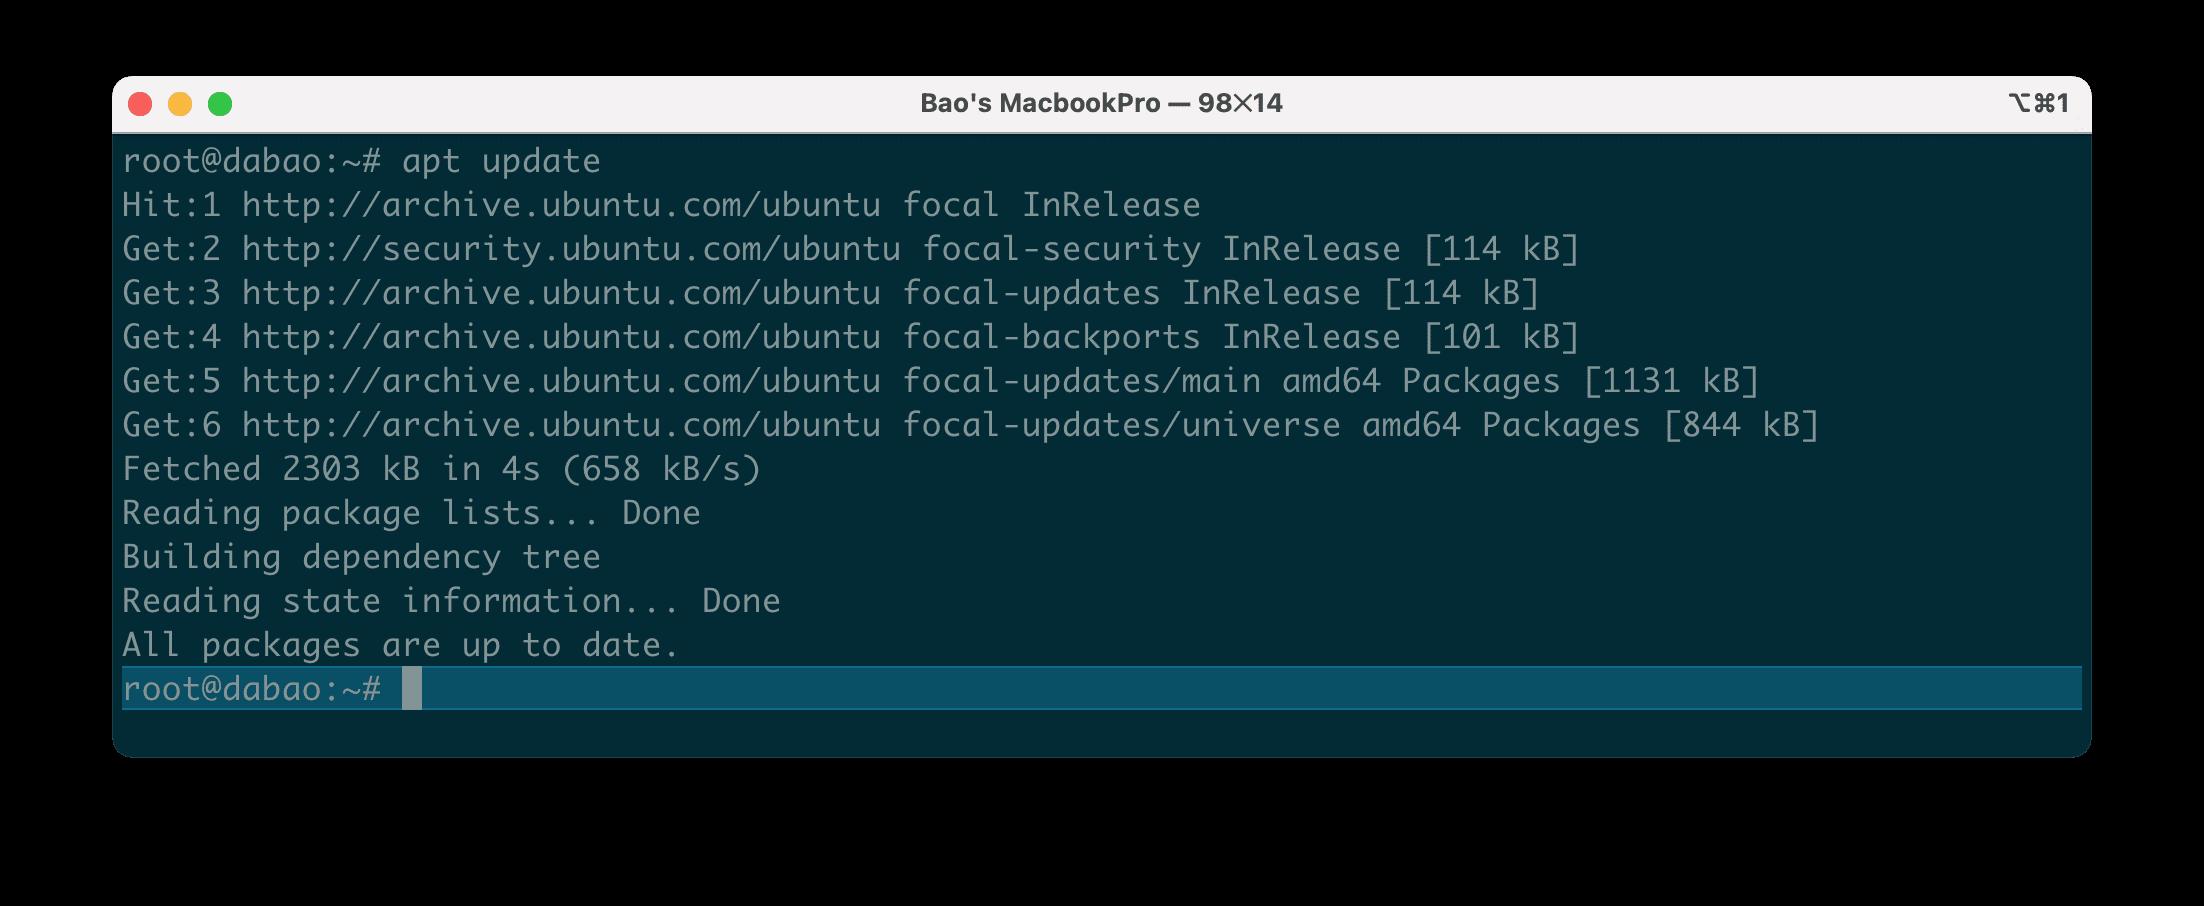 sự khác biệt giữa apt update vs apt upgrade trên hệ điều hành Ubuntu.